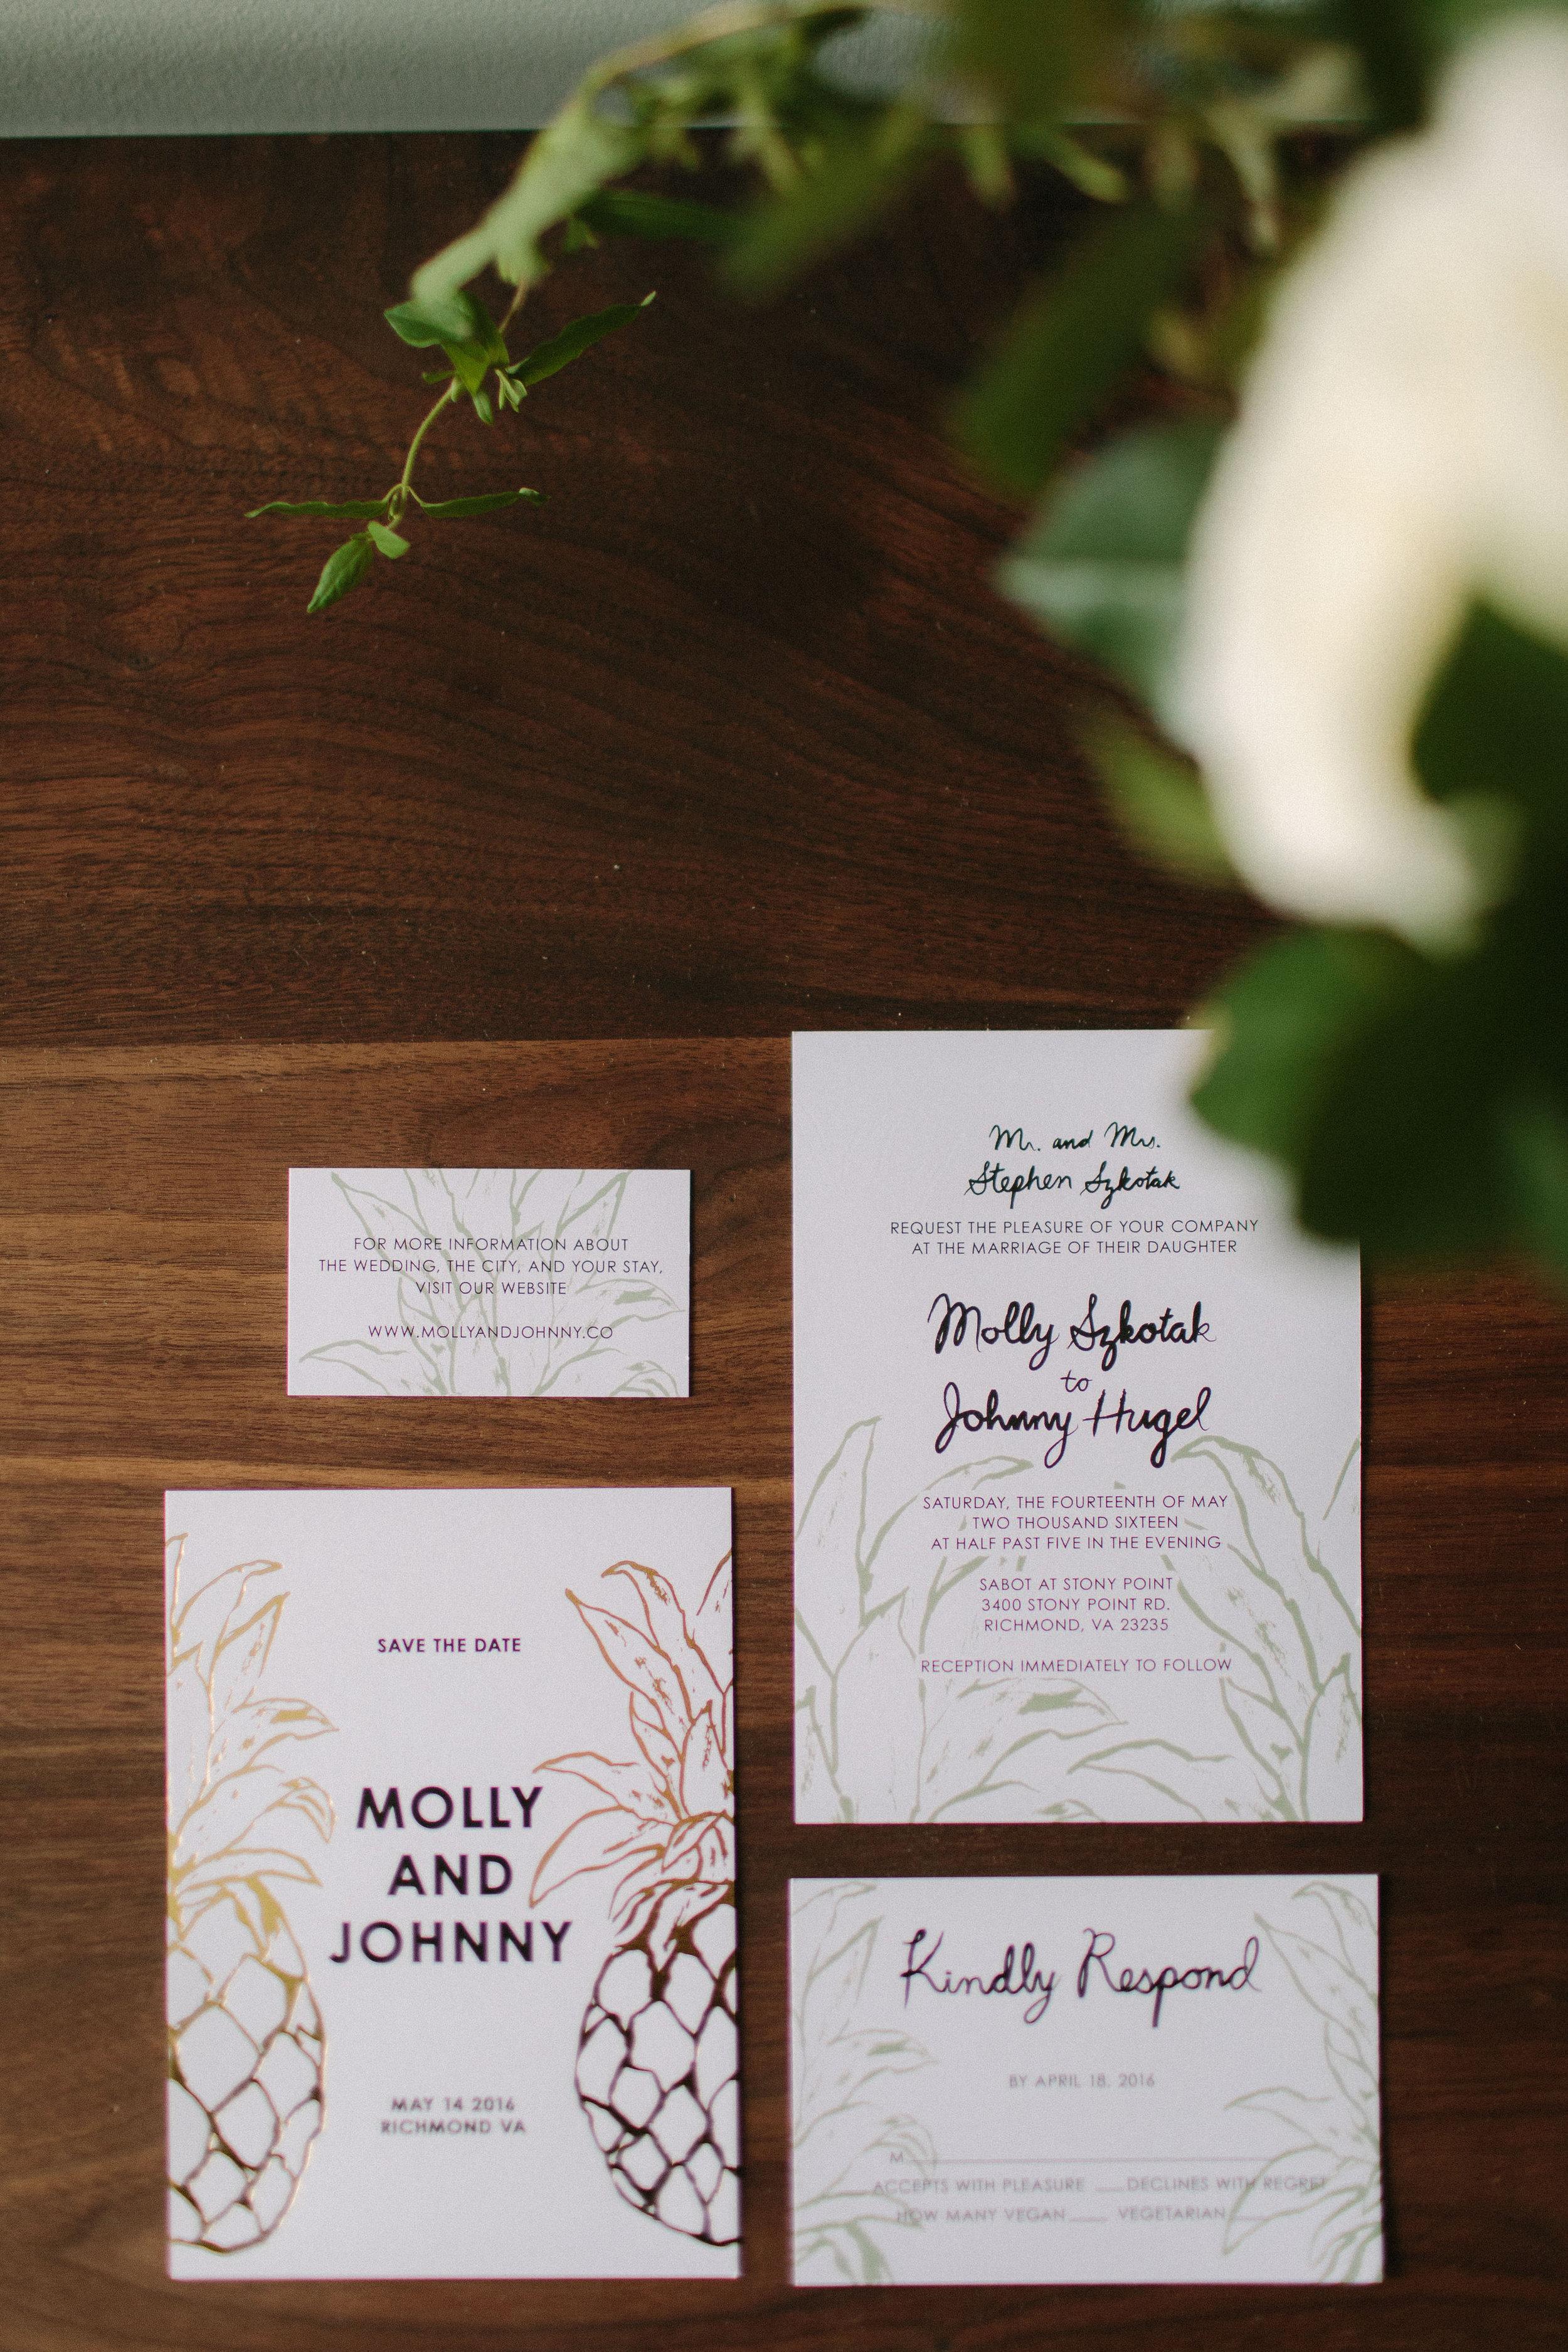 16 05 14 Molly Johnny Wedding Photos-Molly Johnny Wedding Photos-0013 (1).jpg